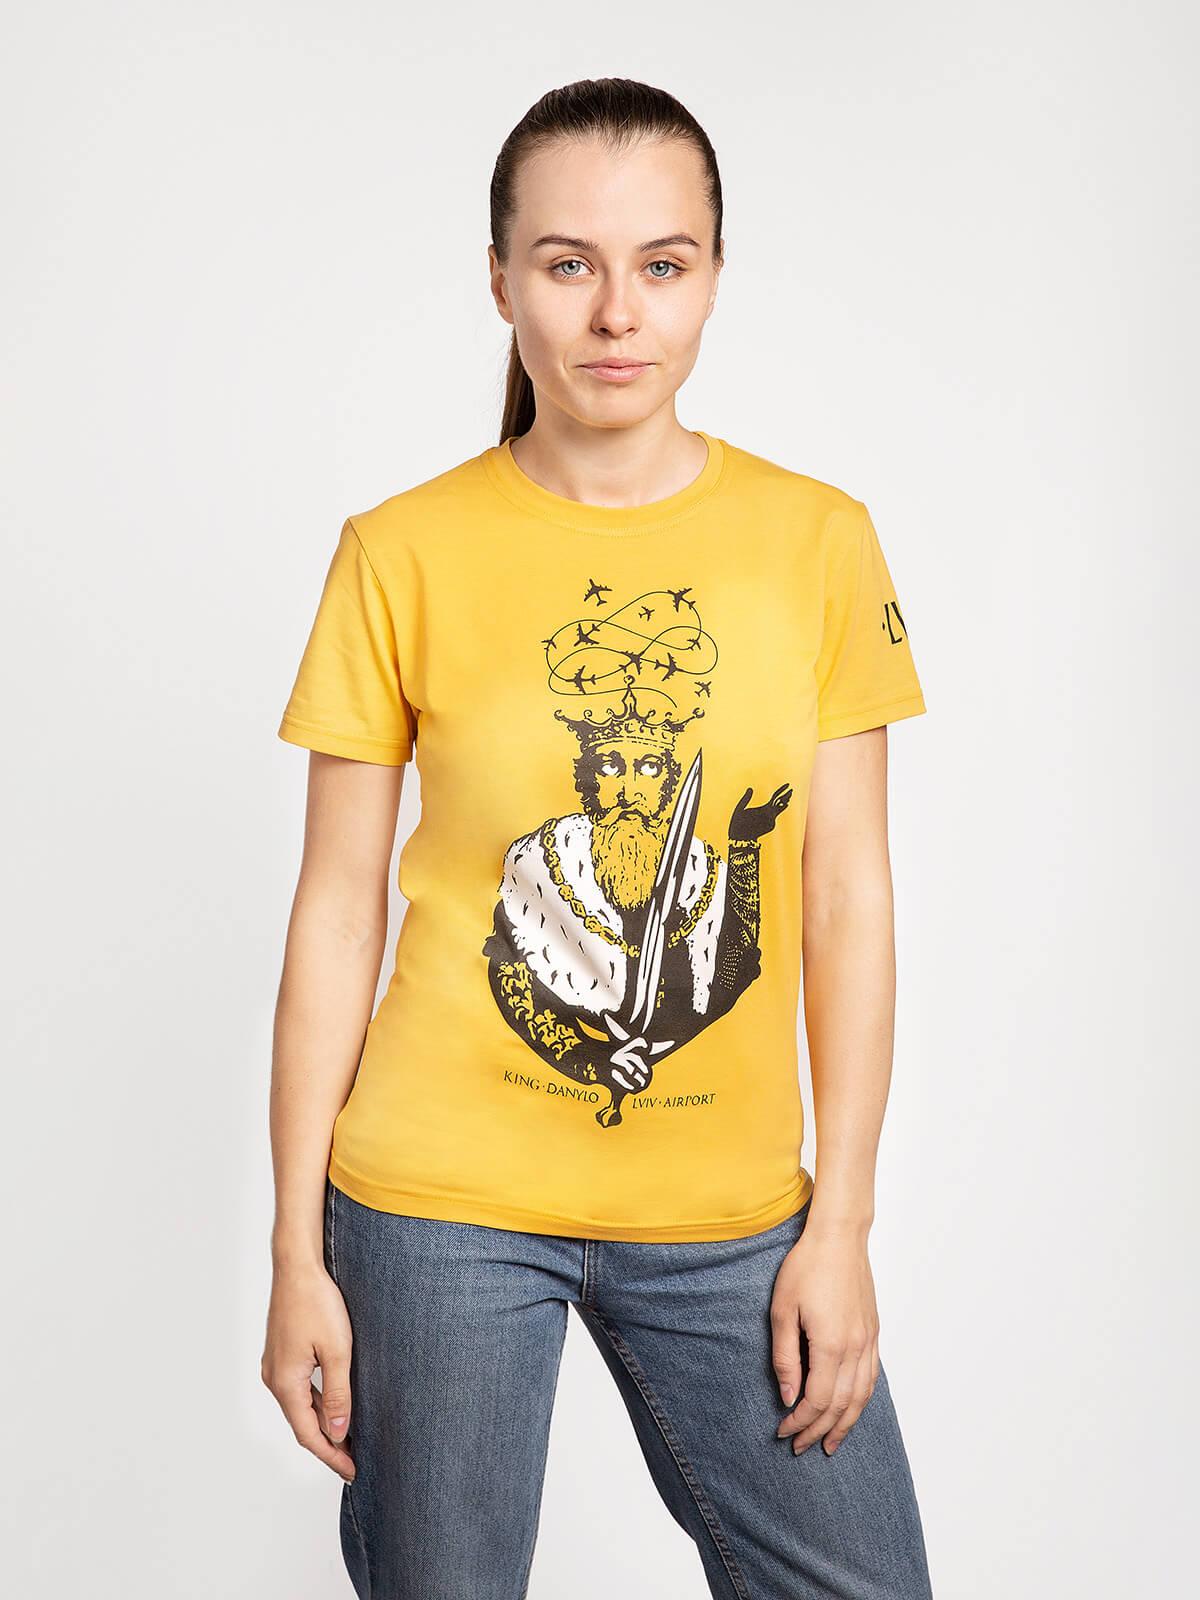 Women's T-Shirt Danylo. Футболкаунісекс(розміри чоловічі).